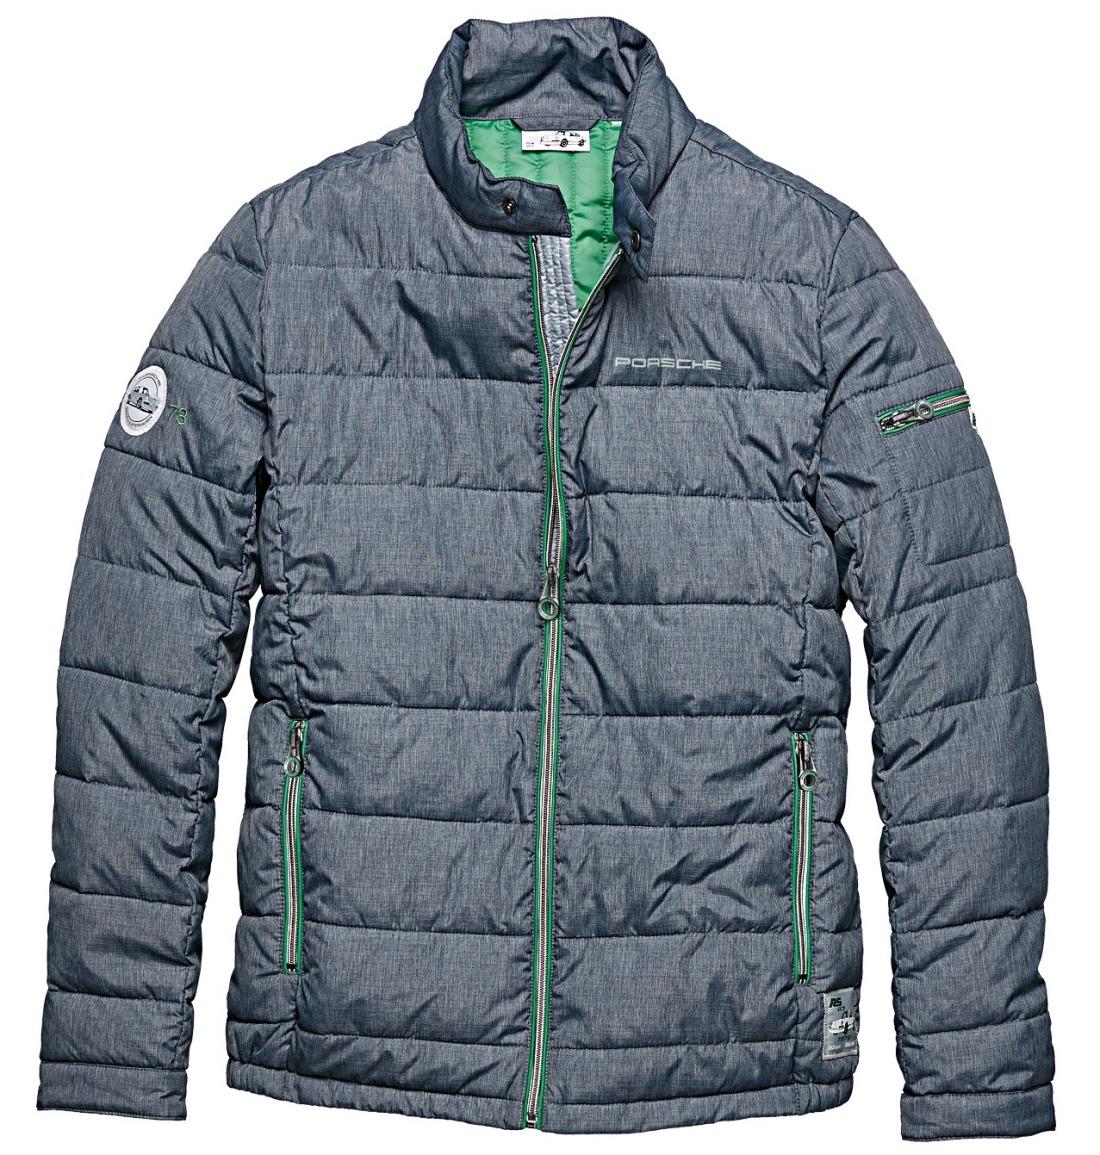 Мужская куртка Porsche Jacket Men Rs 2 7 Collection Grey Wap95700s0h 16950 рублей